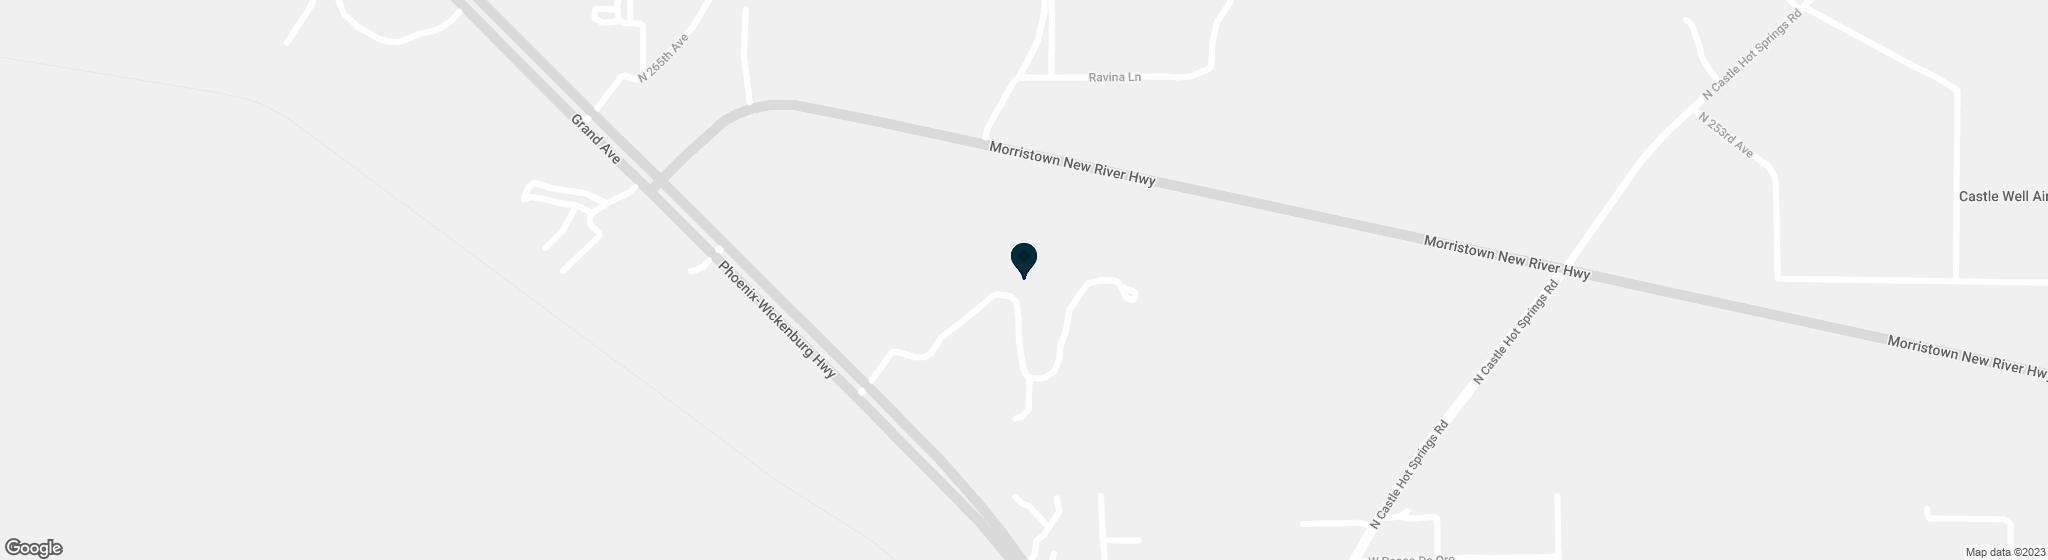 25339 W Irvine (PARCEL A) Road - Morristown AZ 85342